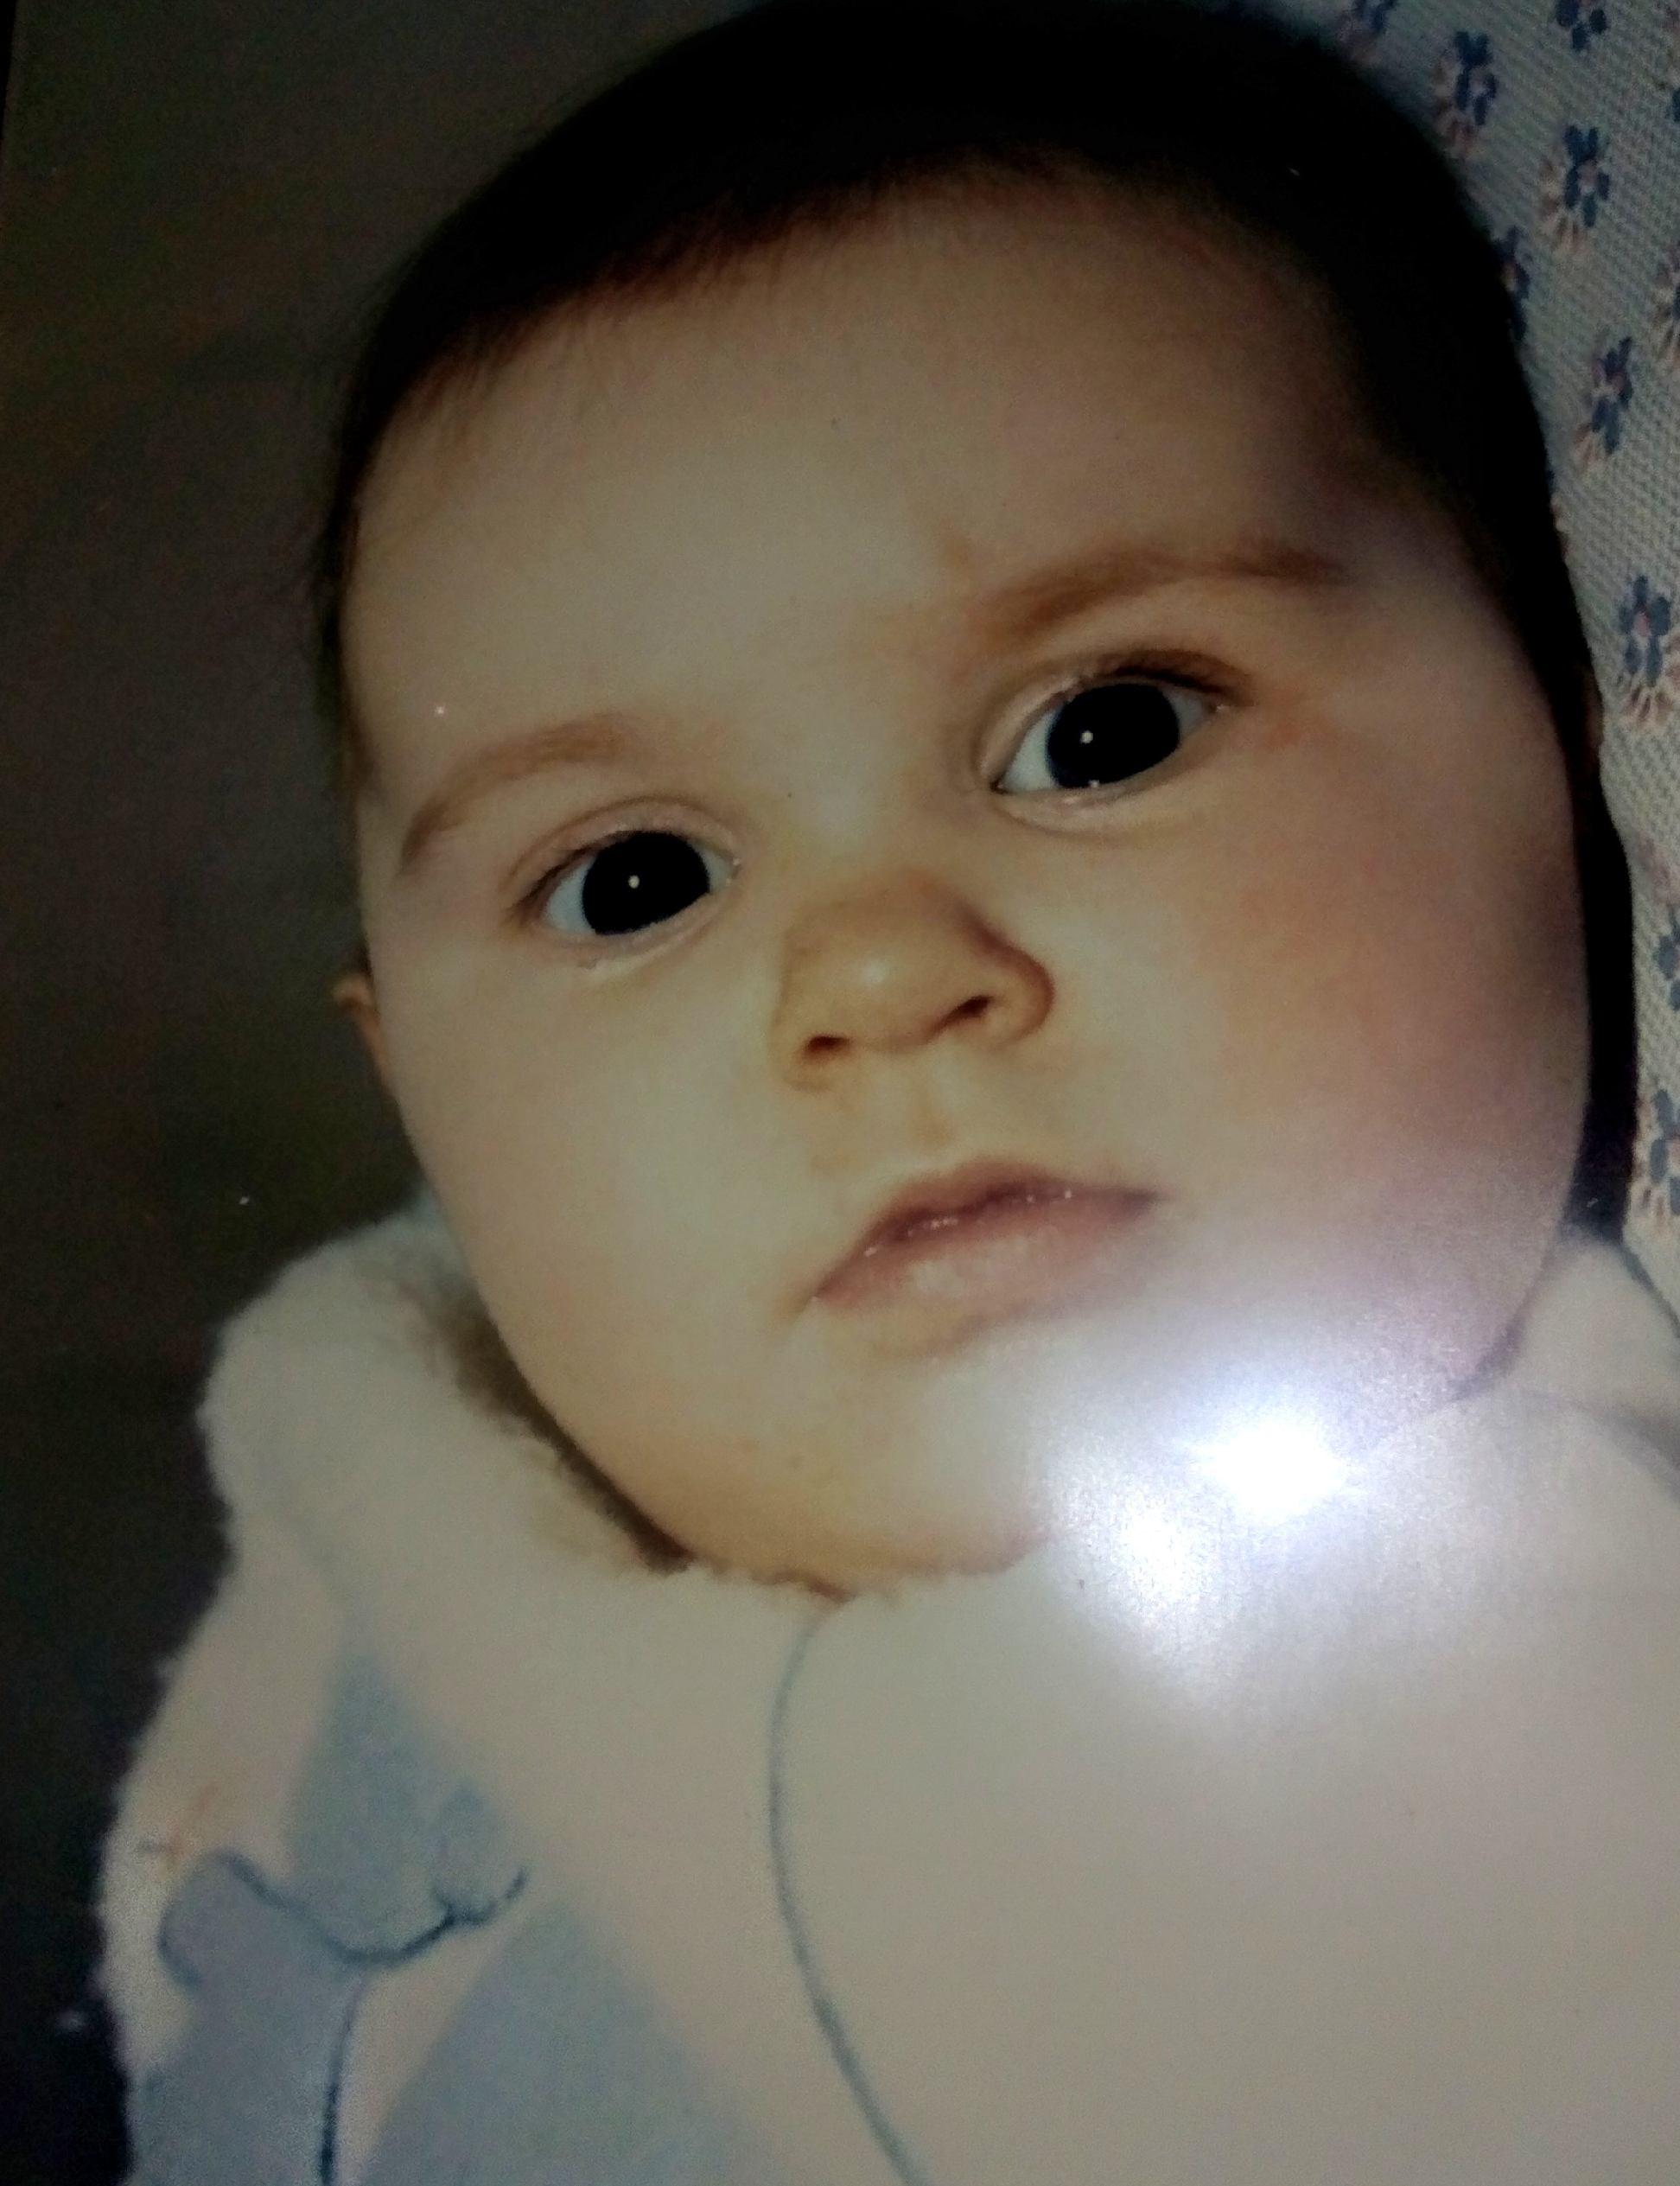 Emilie, 20 avril 1986 - 8 avril 1987